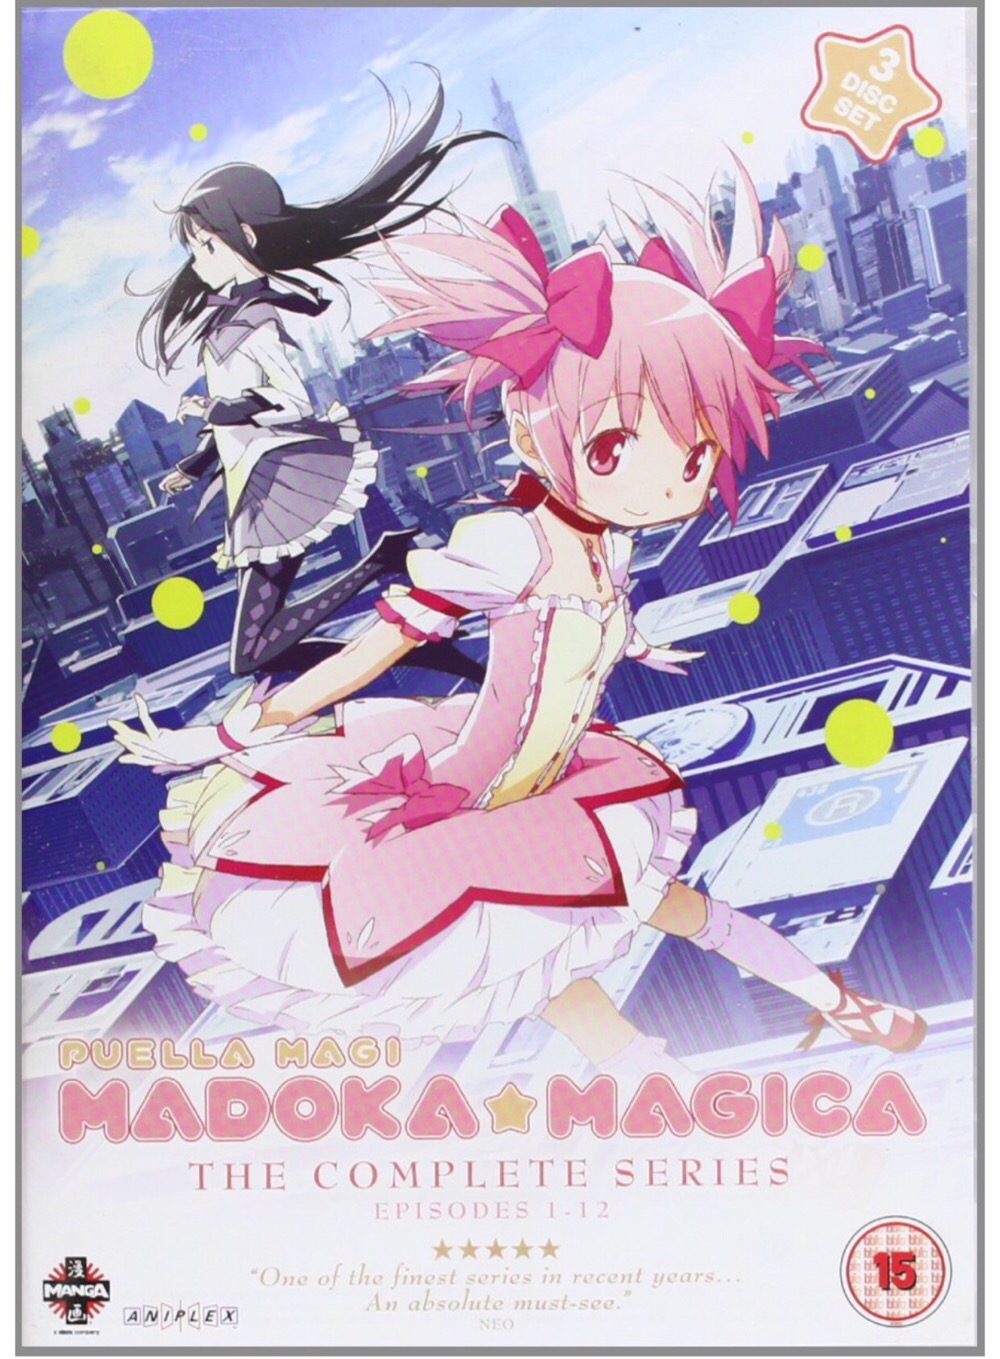 6年ぶりに見た「魔法少女まどか☆マギカ」は、リーダーにとって多様性と価値観を知る良質なコンテンツだった